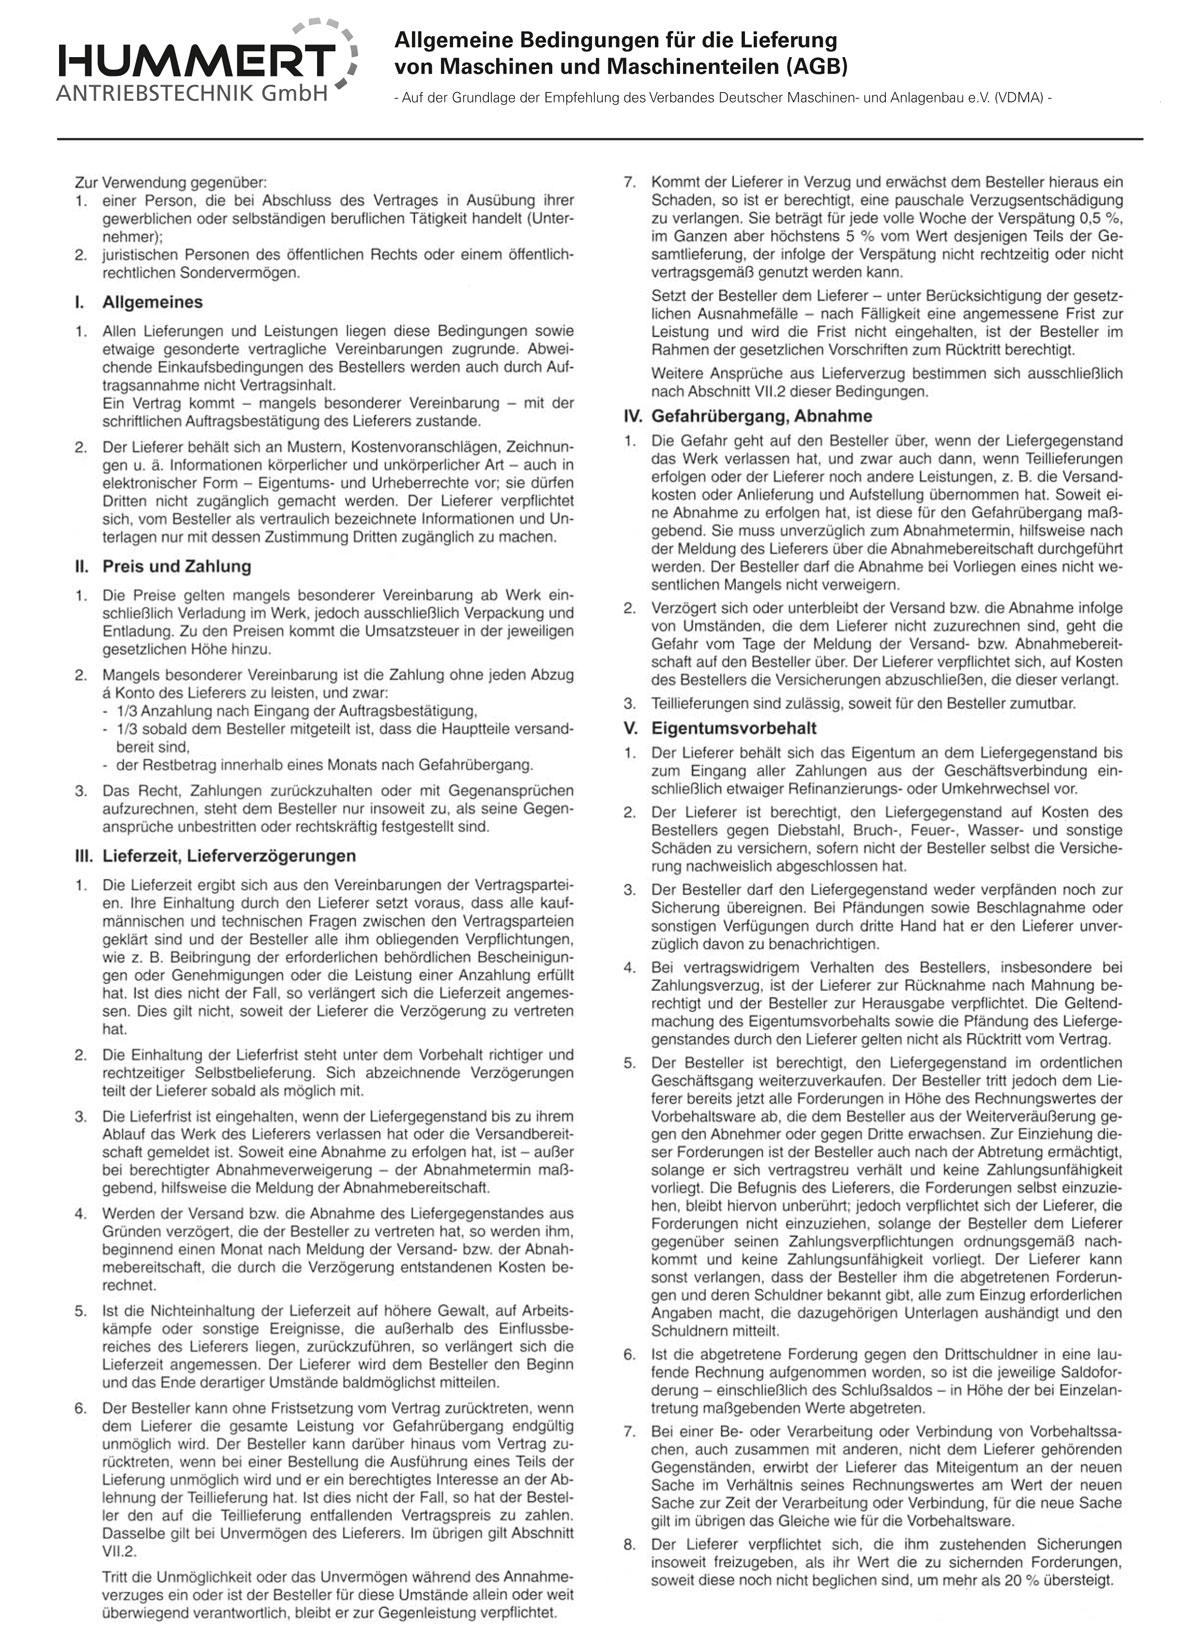 AGB Hummert Antriebstechnik GmbH, Seite 1